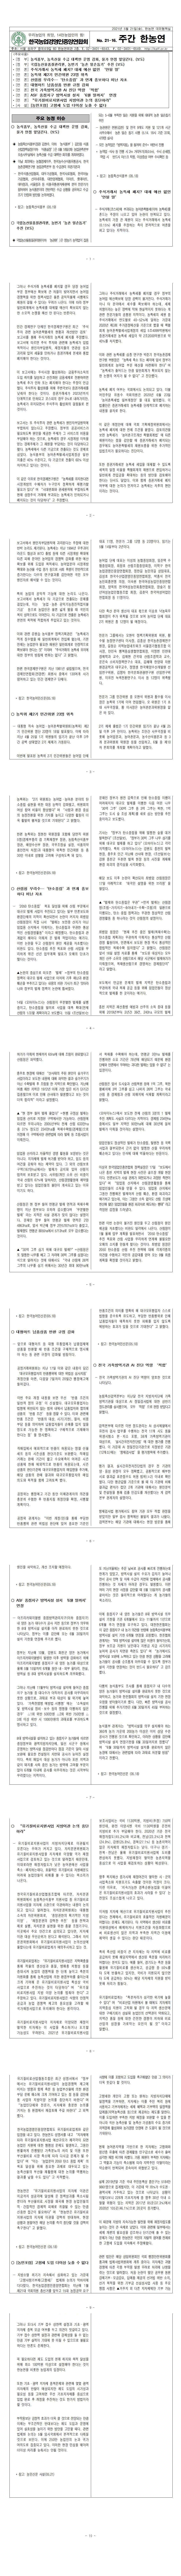 주간 한농연 No.21-16 (05.21).jpg